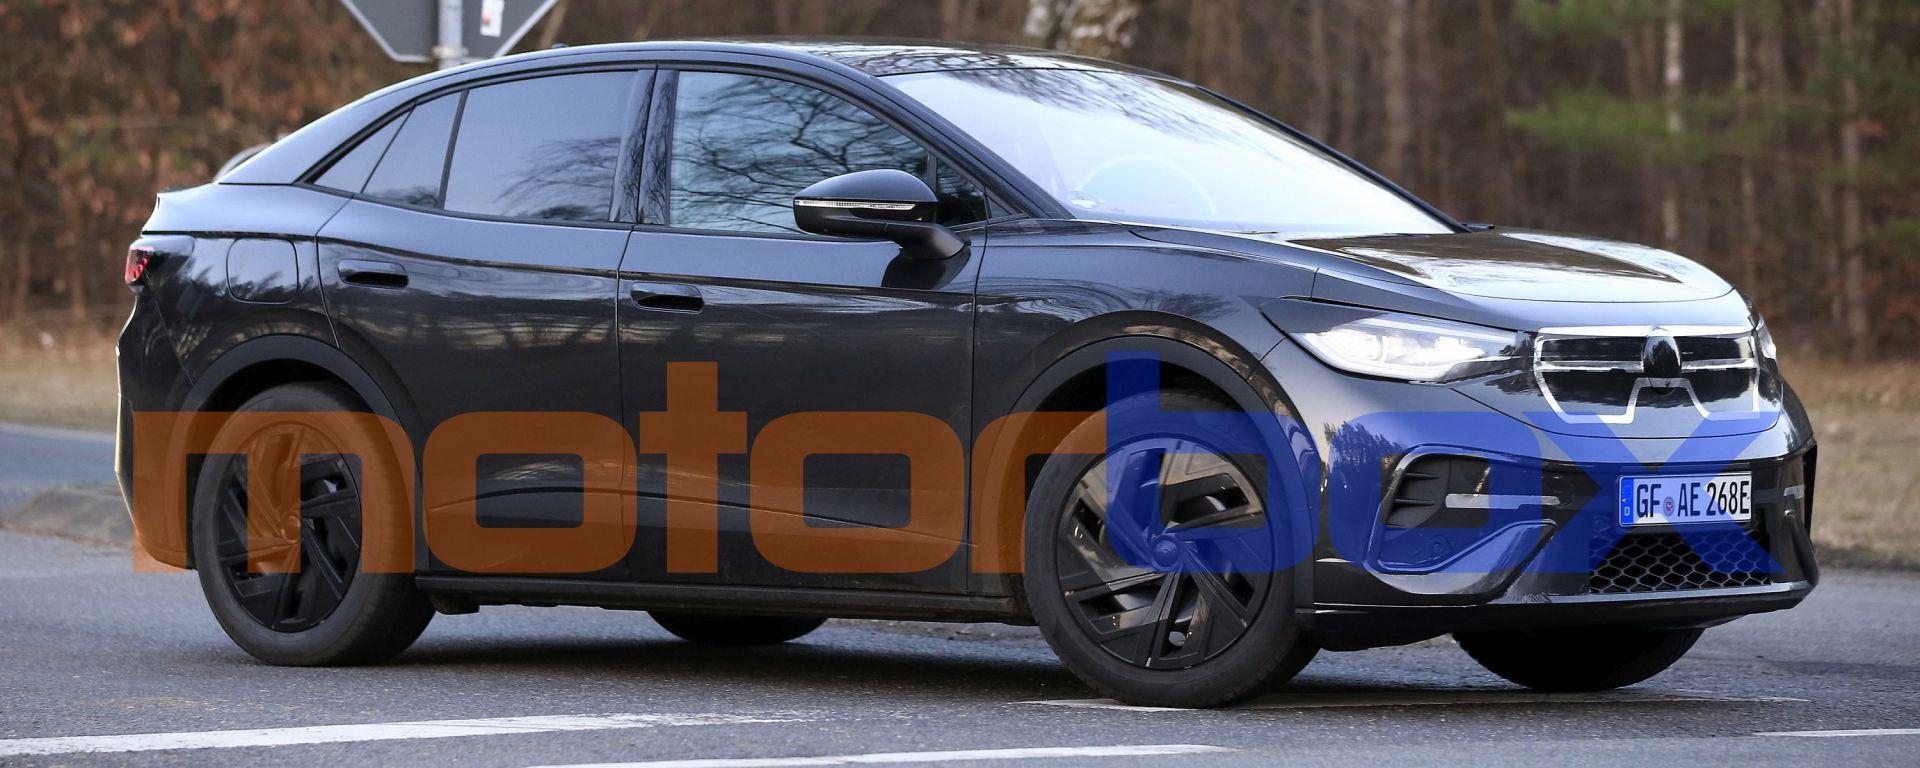 Volkswagen ID.4 GTX: visuale di 3/4 anteriore